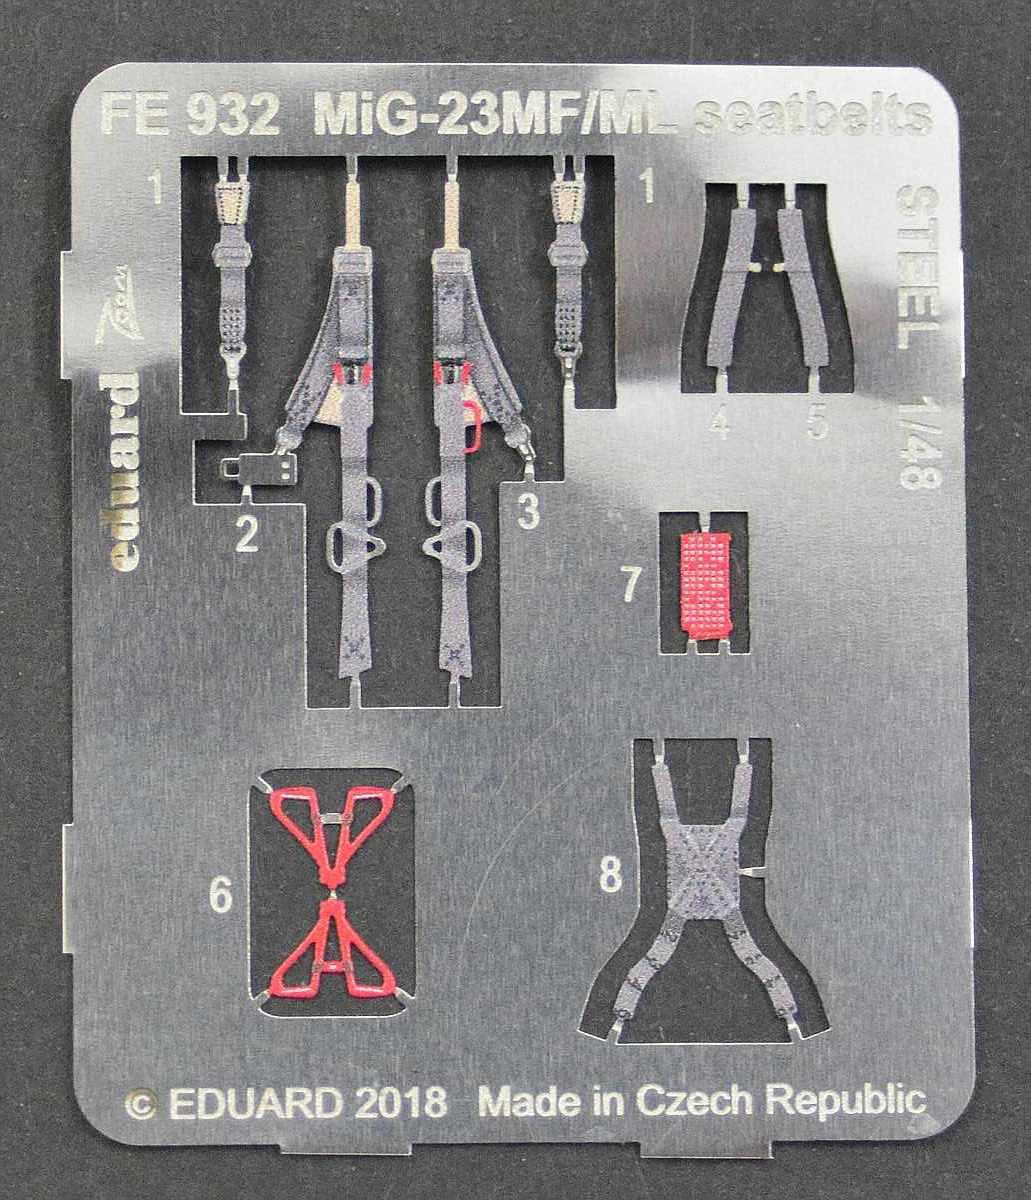 Eduard-FE-932-MiG-23-MF-seatbelts-STEEL-2 Detailsets für die MiG-23 MF / ML in 1:48 von Eduard